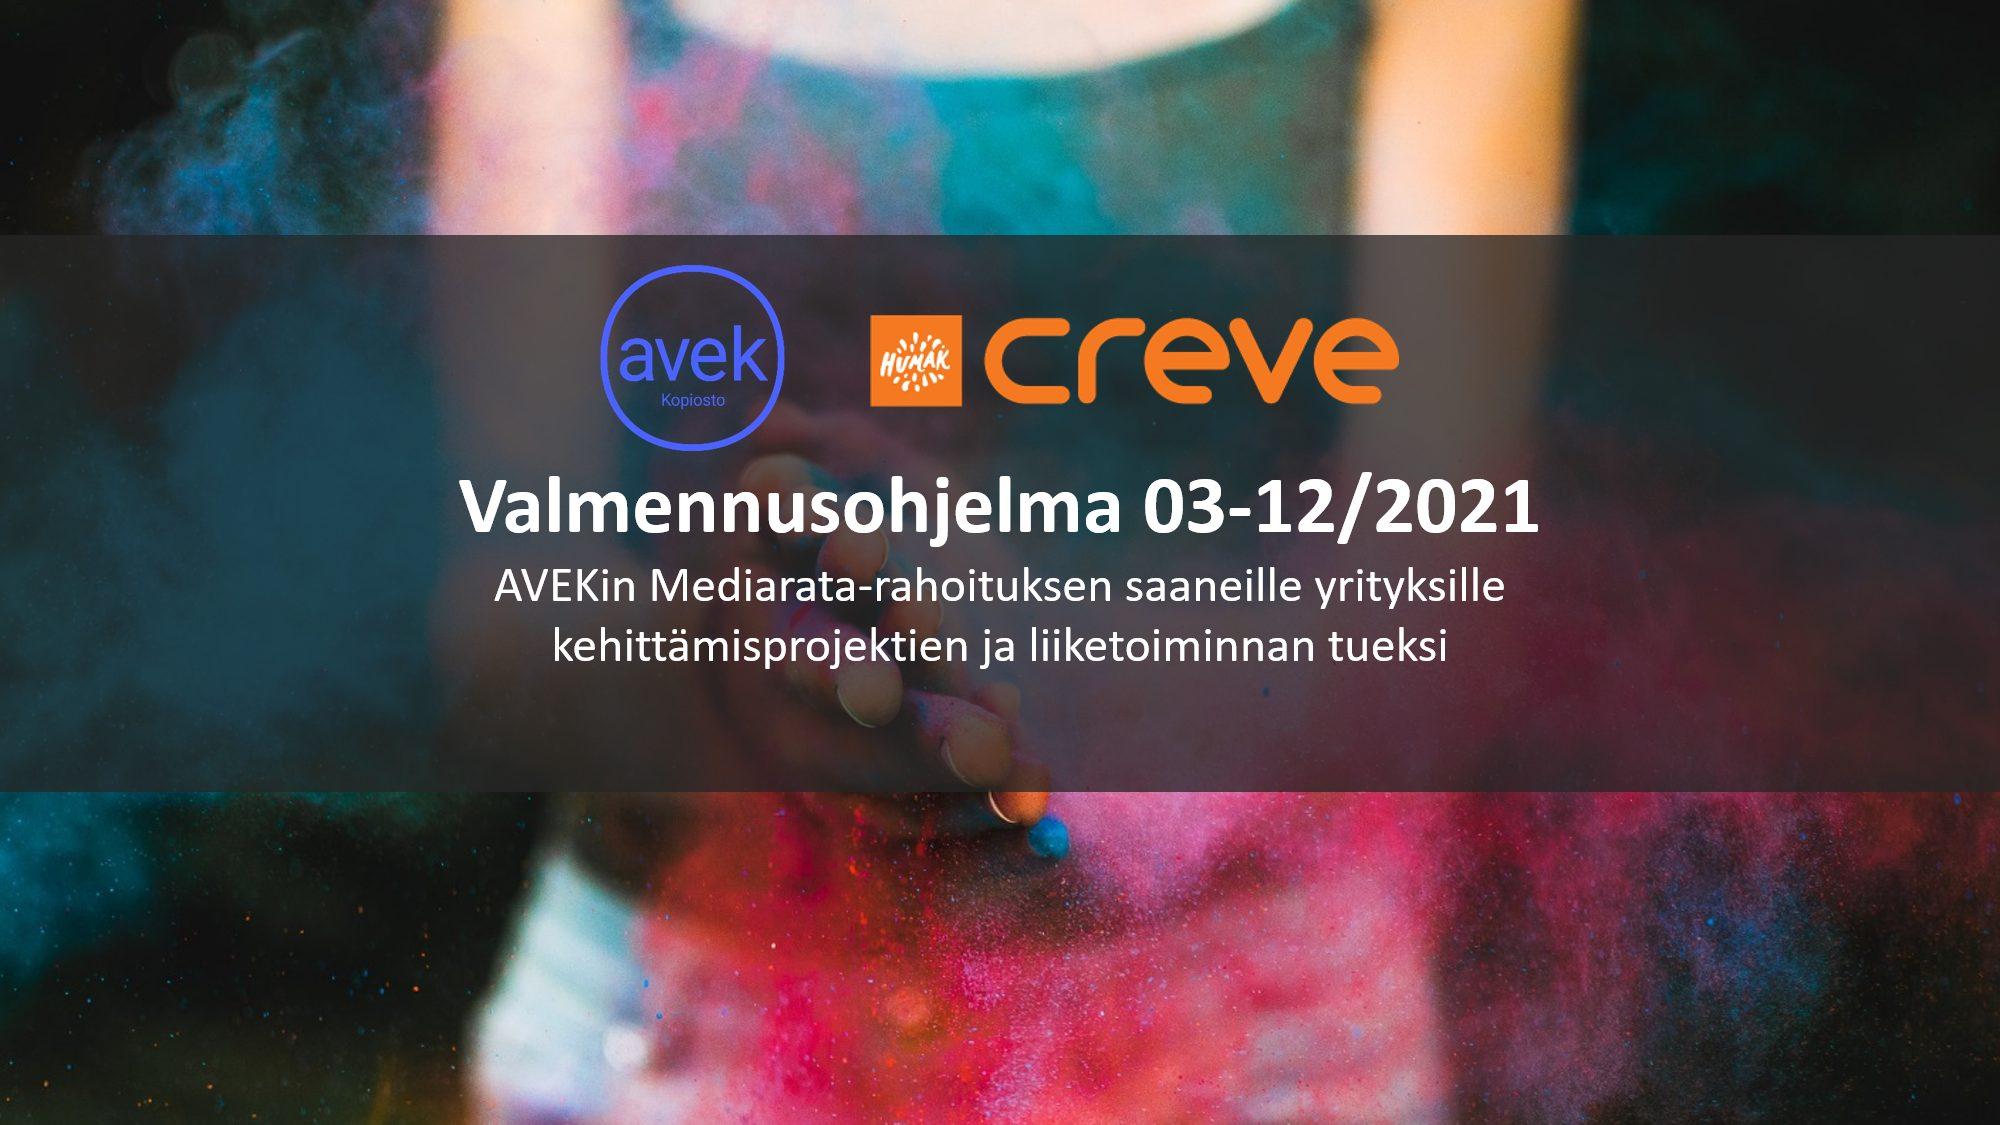 Kuvituskuva: Creven ja AVEKin yhteistyössä toteutettava Mediarata-valmennusohjelma 03-12/2021. Taustalla ihminen pöllyttää käsissään värikästä jauhetta.